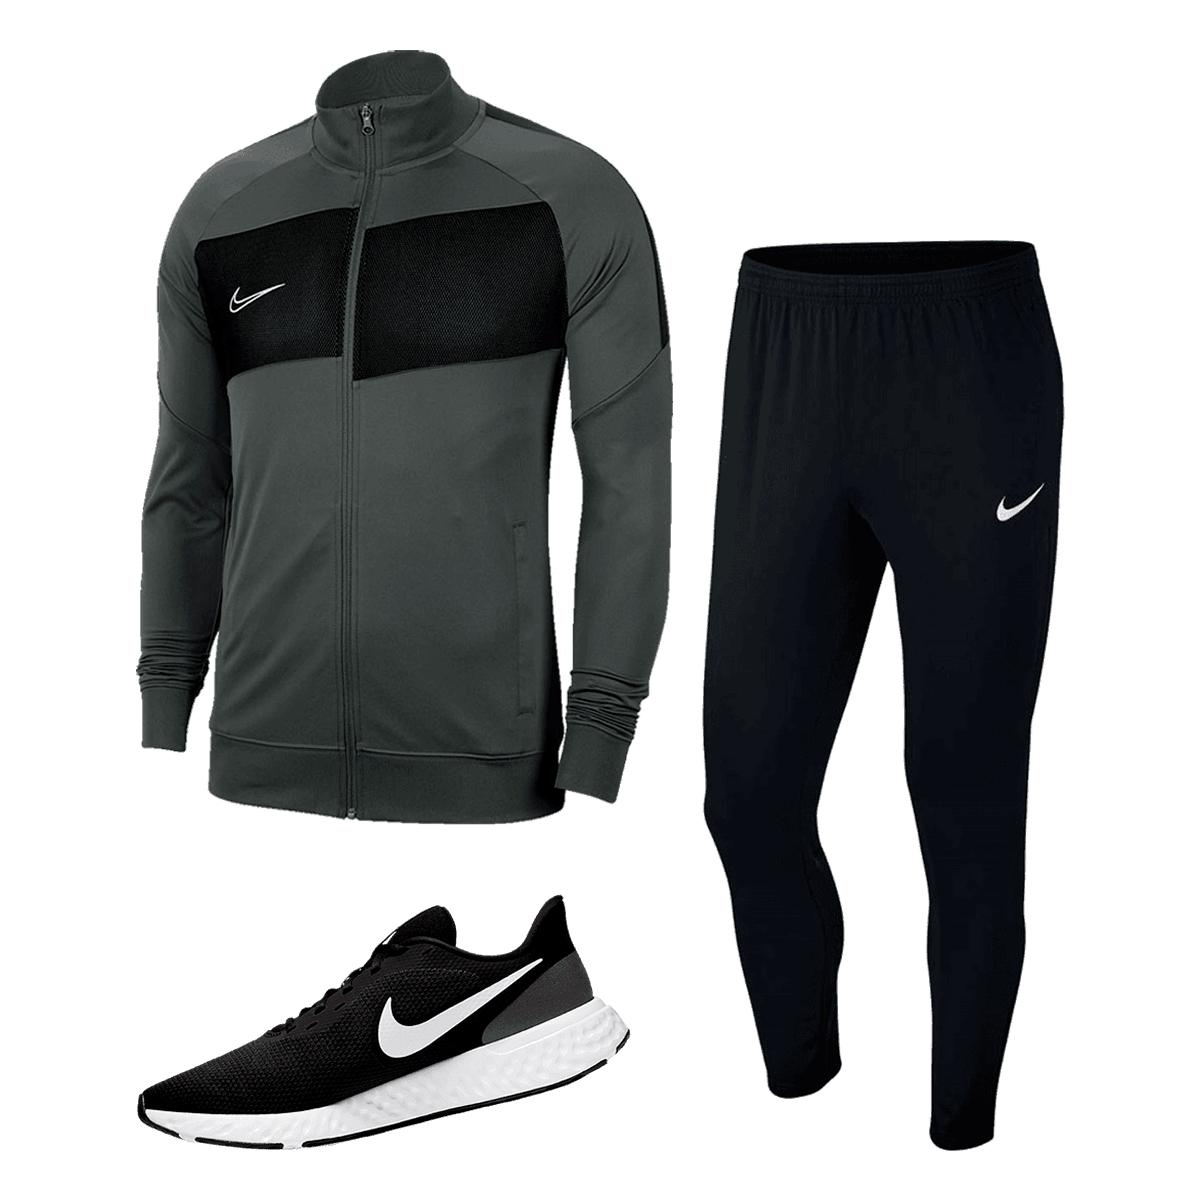 Nike Outfit (Jacke, Hose, Schuhe)